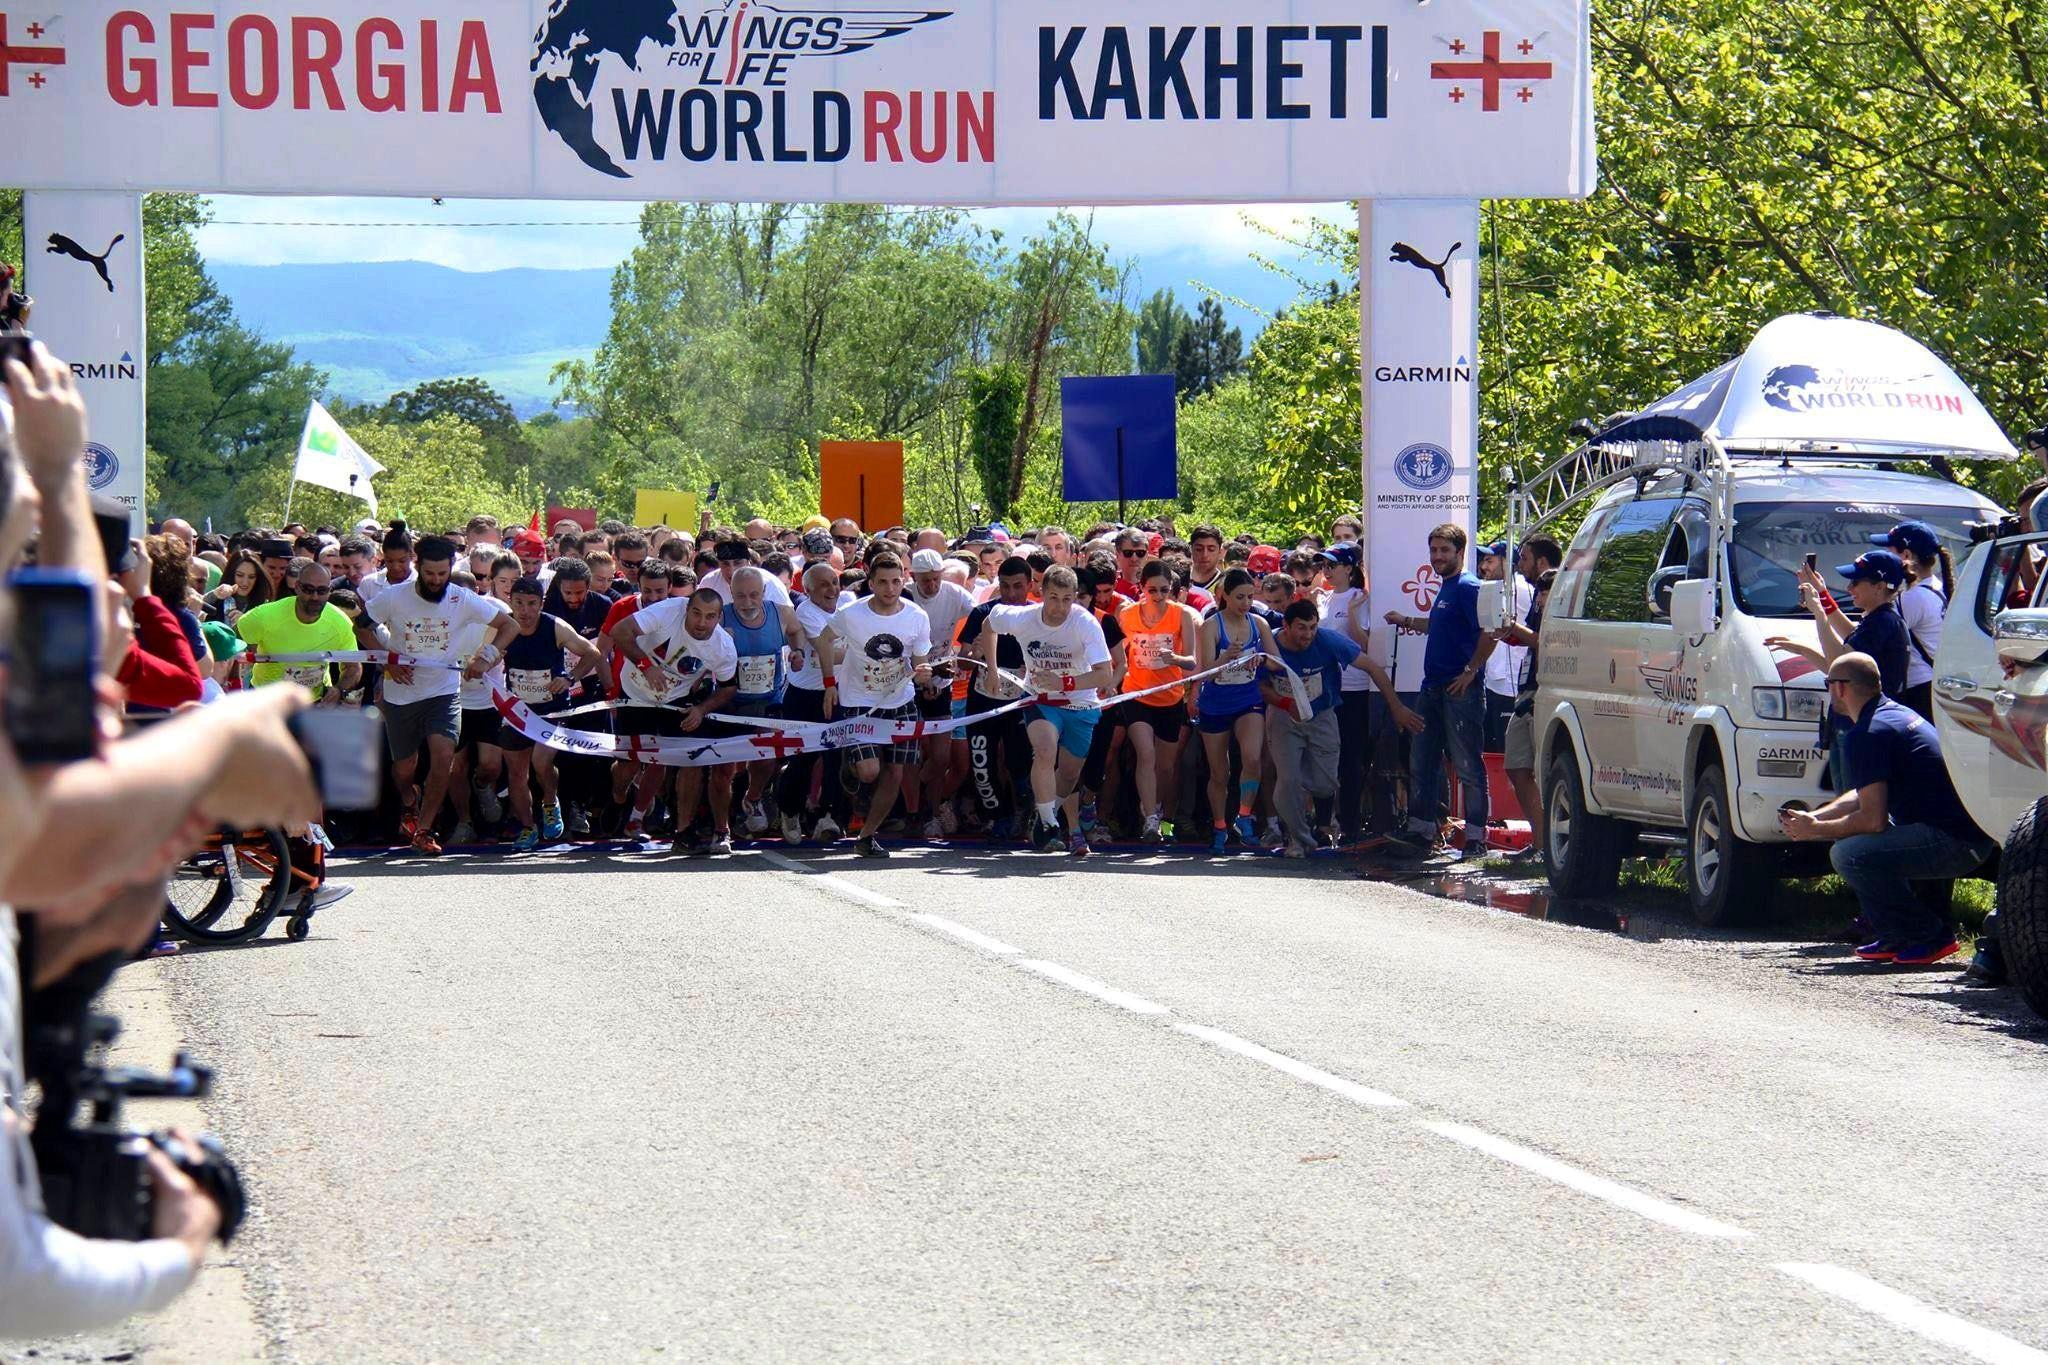 Wings for Life - World Run in Georgia